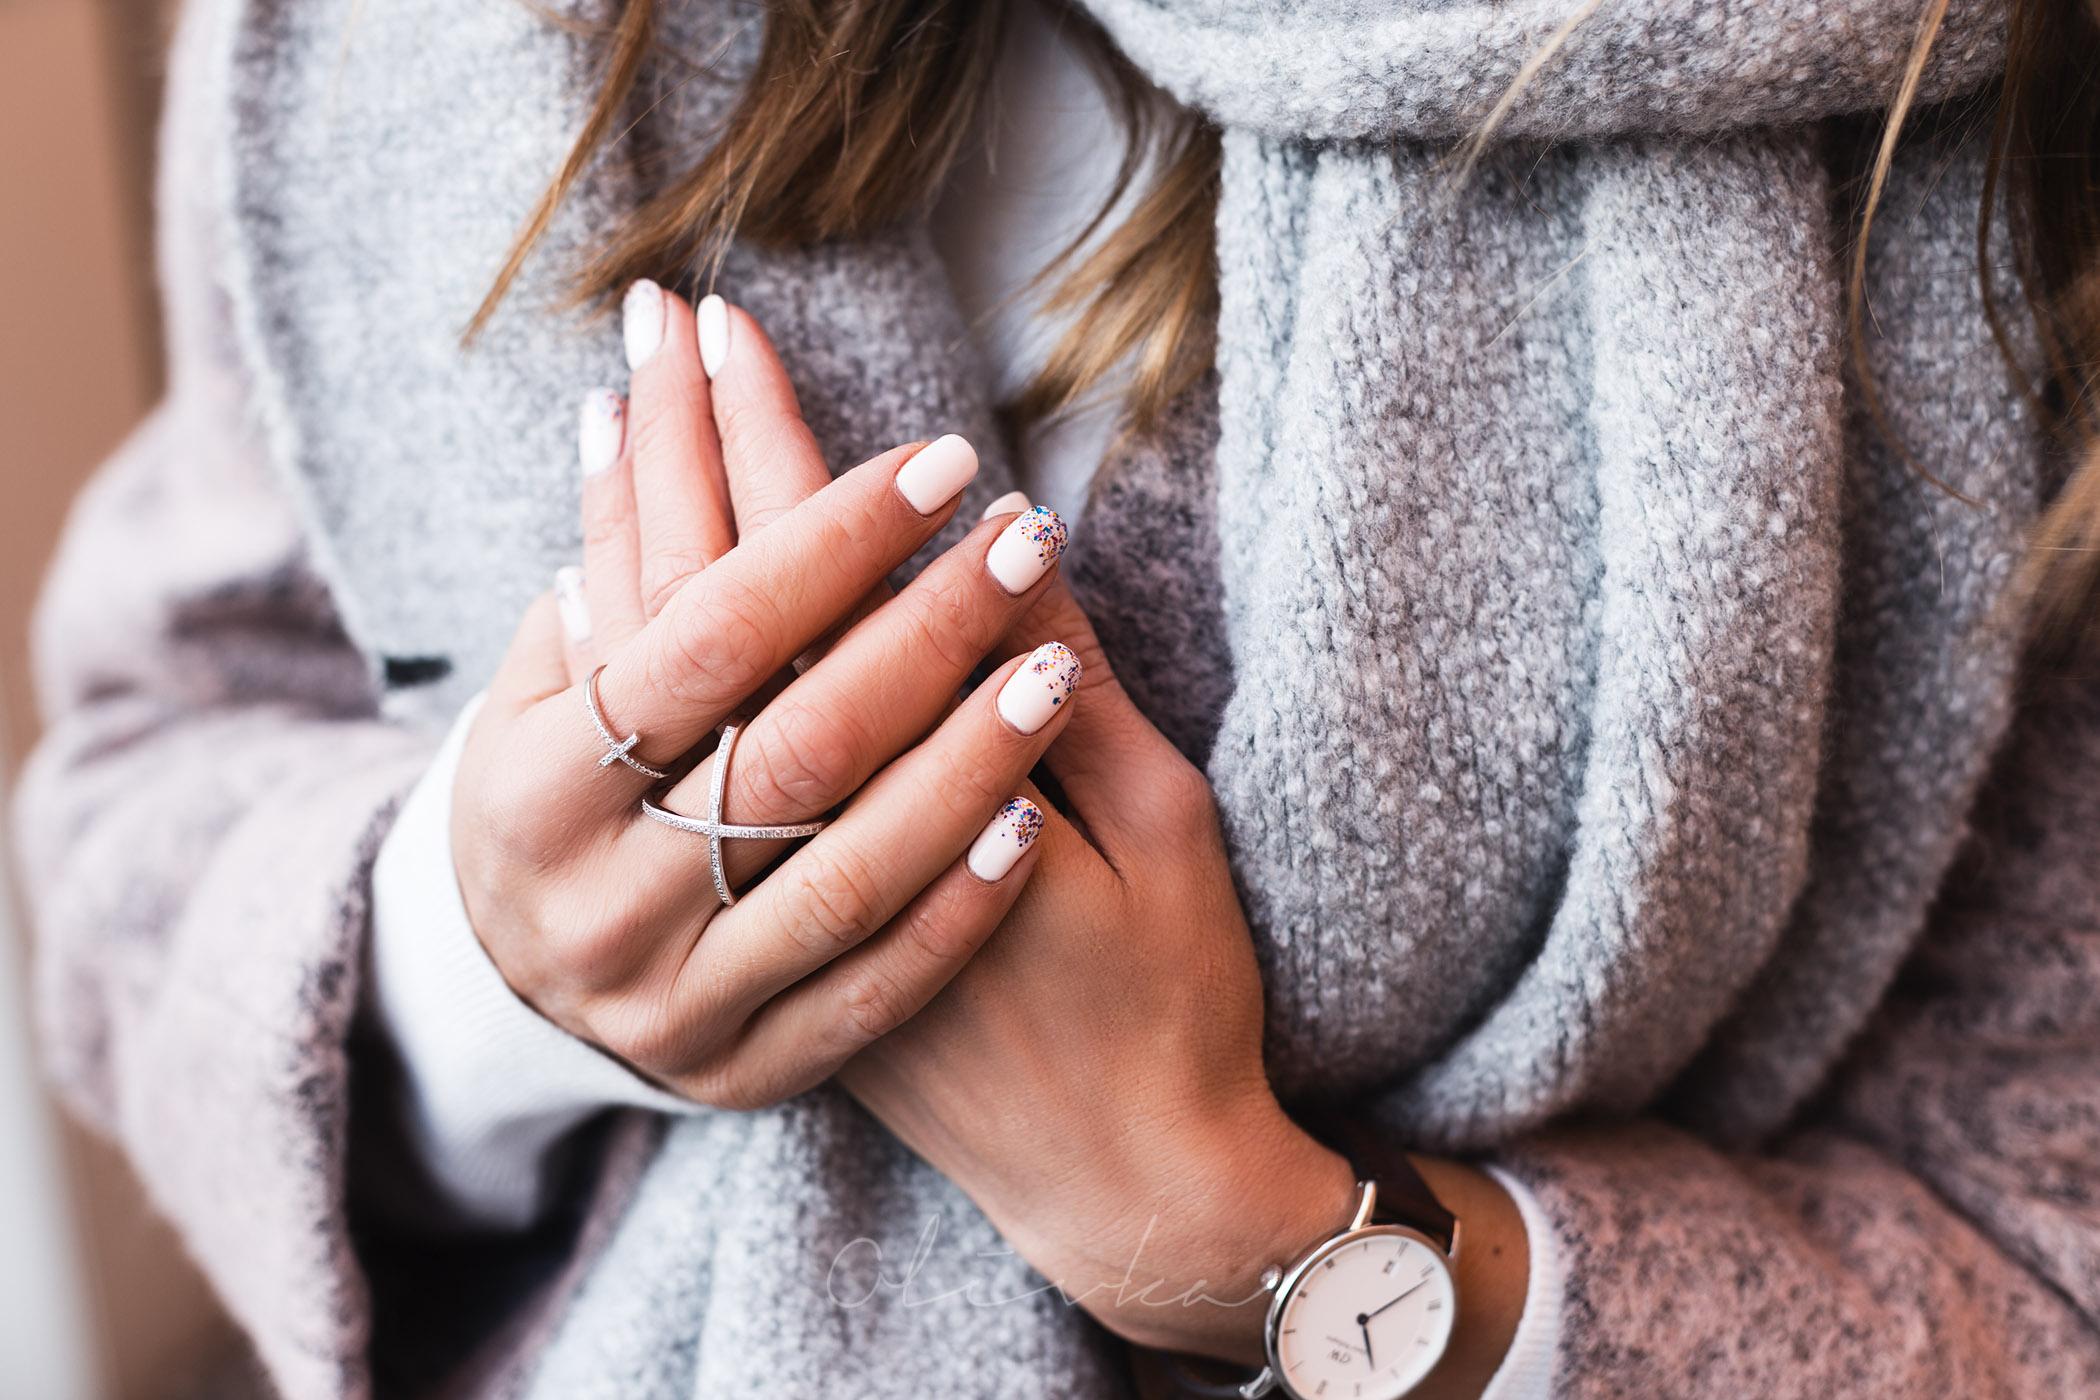 Płaszcz wełniany, płaszcz aggi, olivka blog, modna mama, pierścionek cross, jooli biżuteria, semilac, manicure hybrydowy semilac